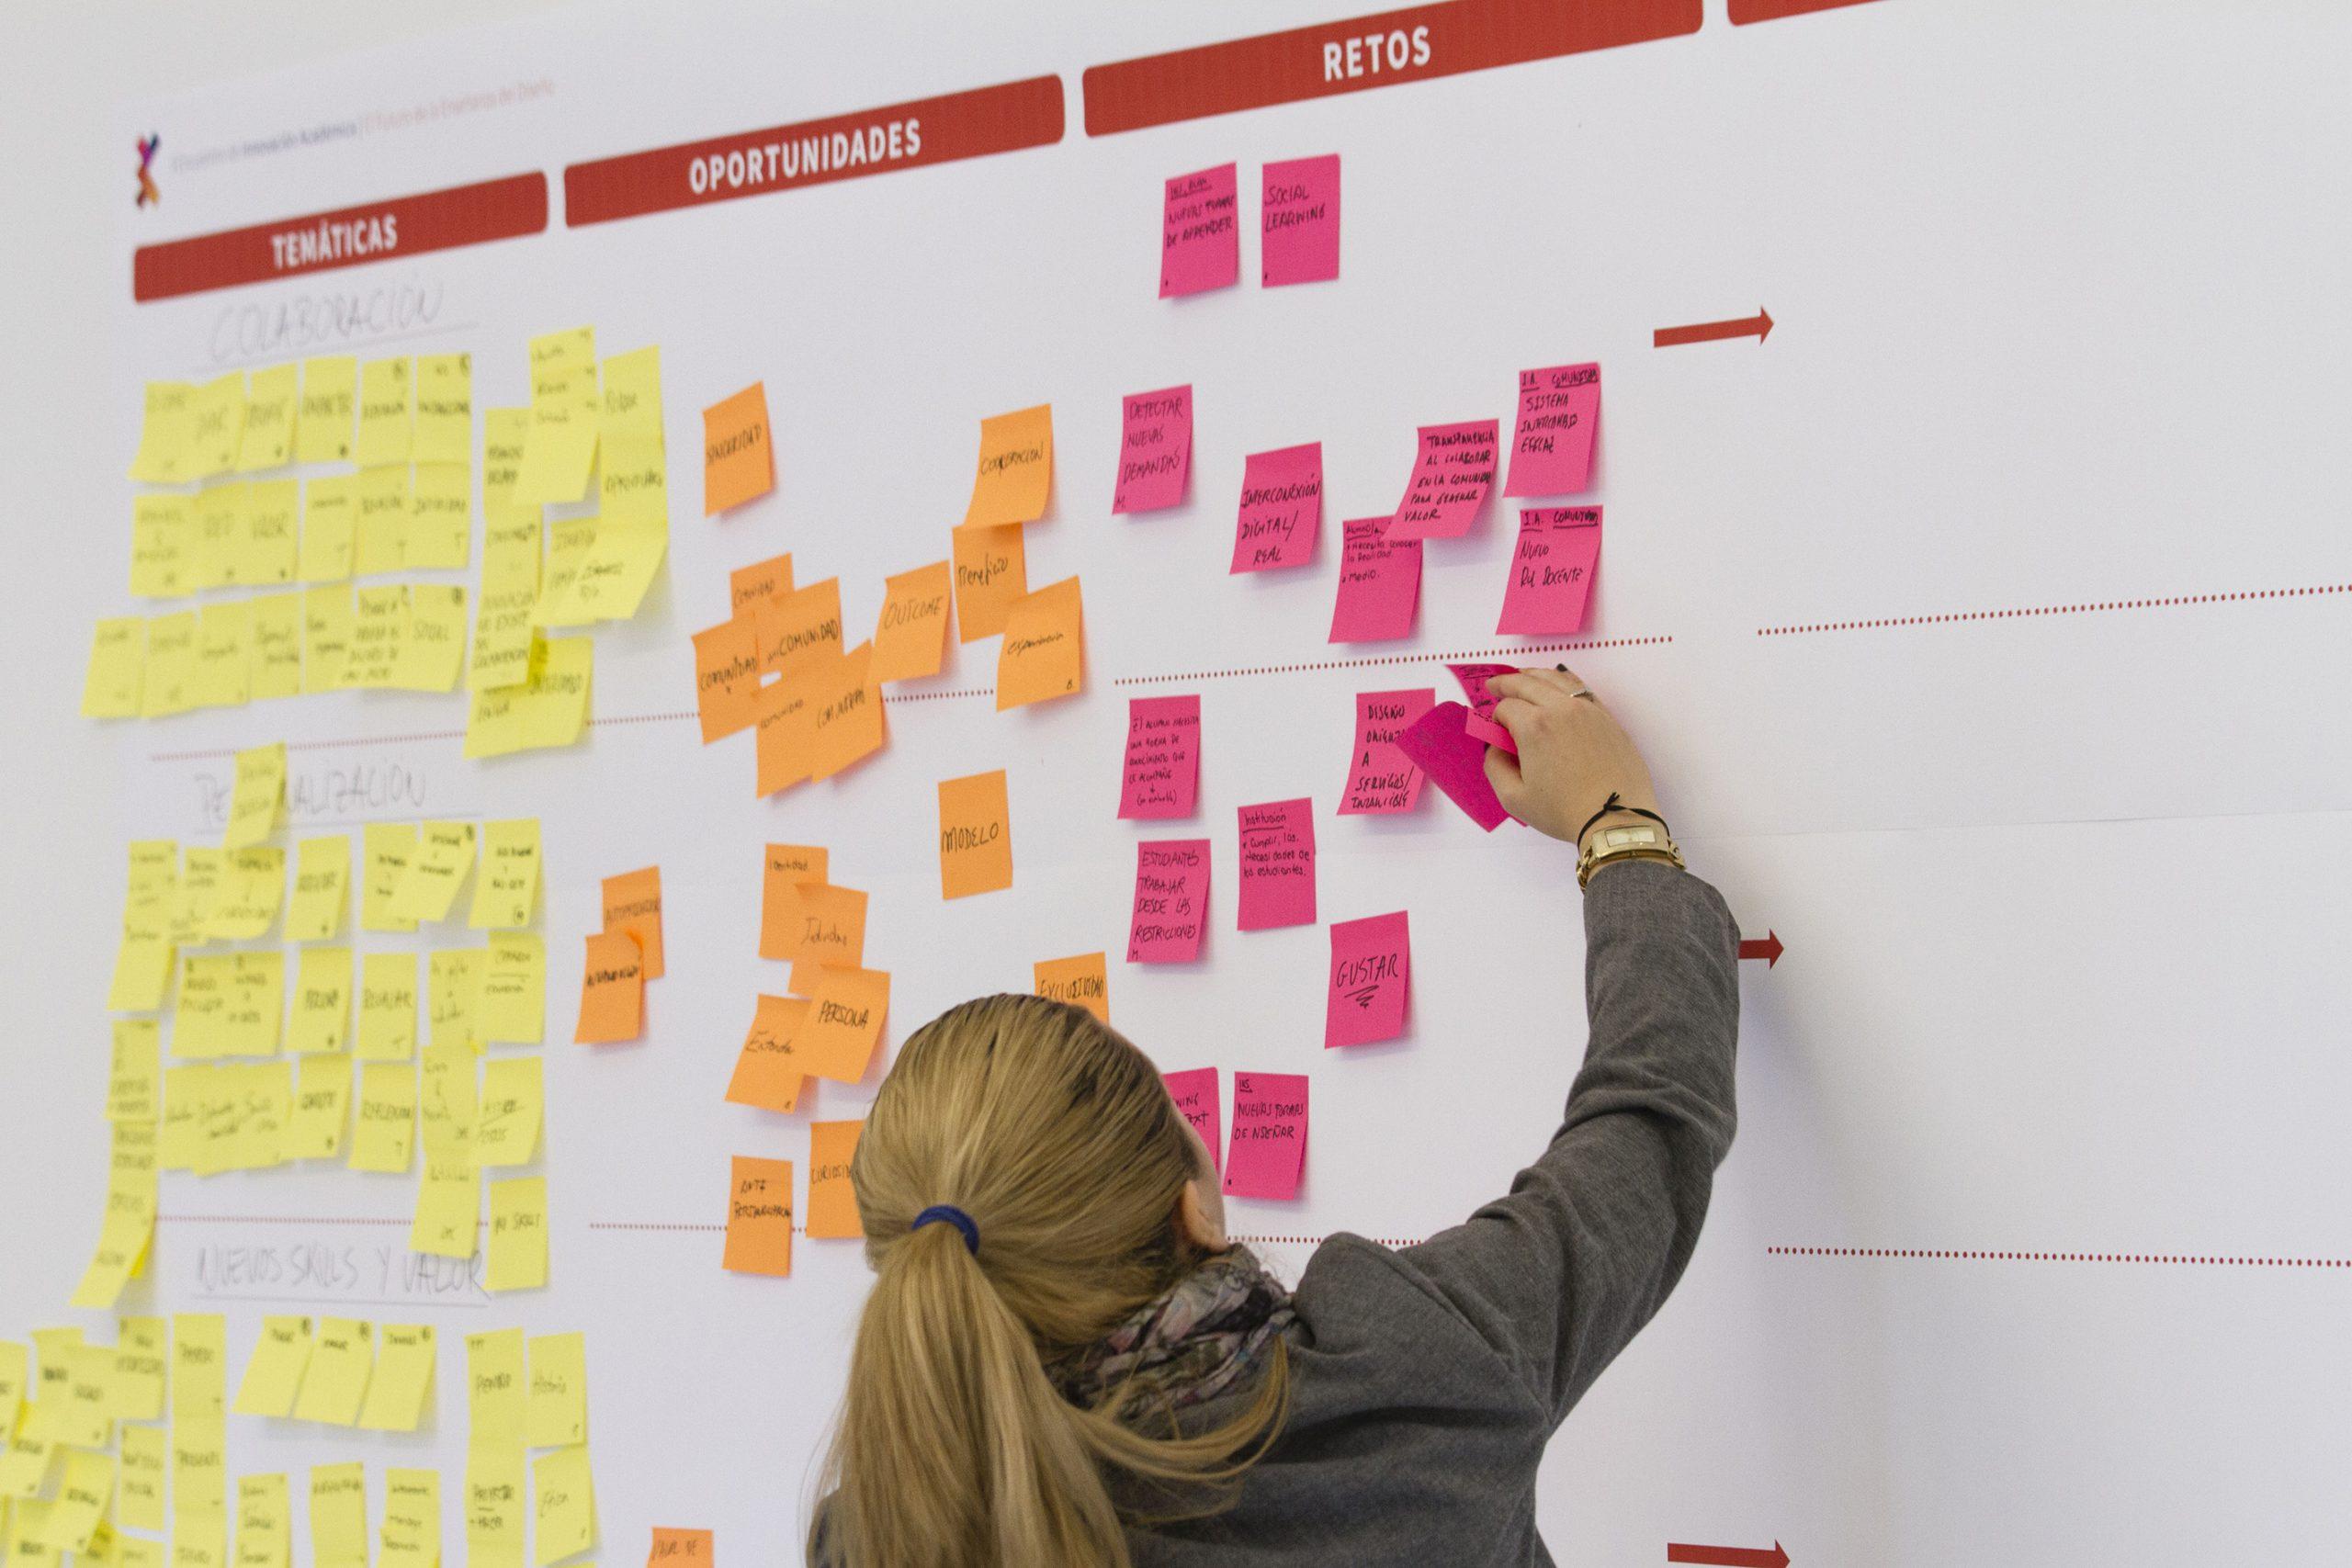 DKV nueva experiencia de usuario en sus oficinas inteligentes